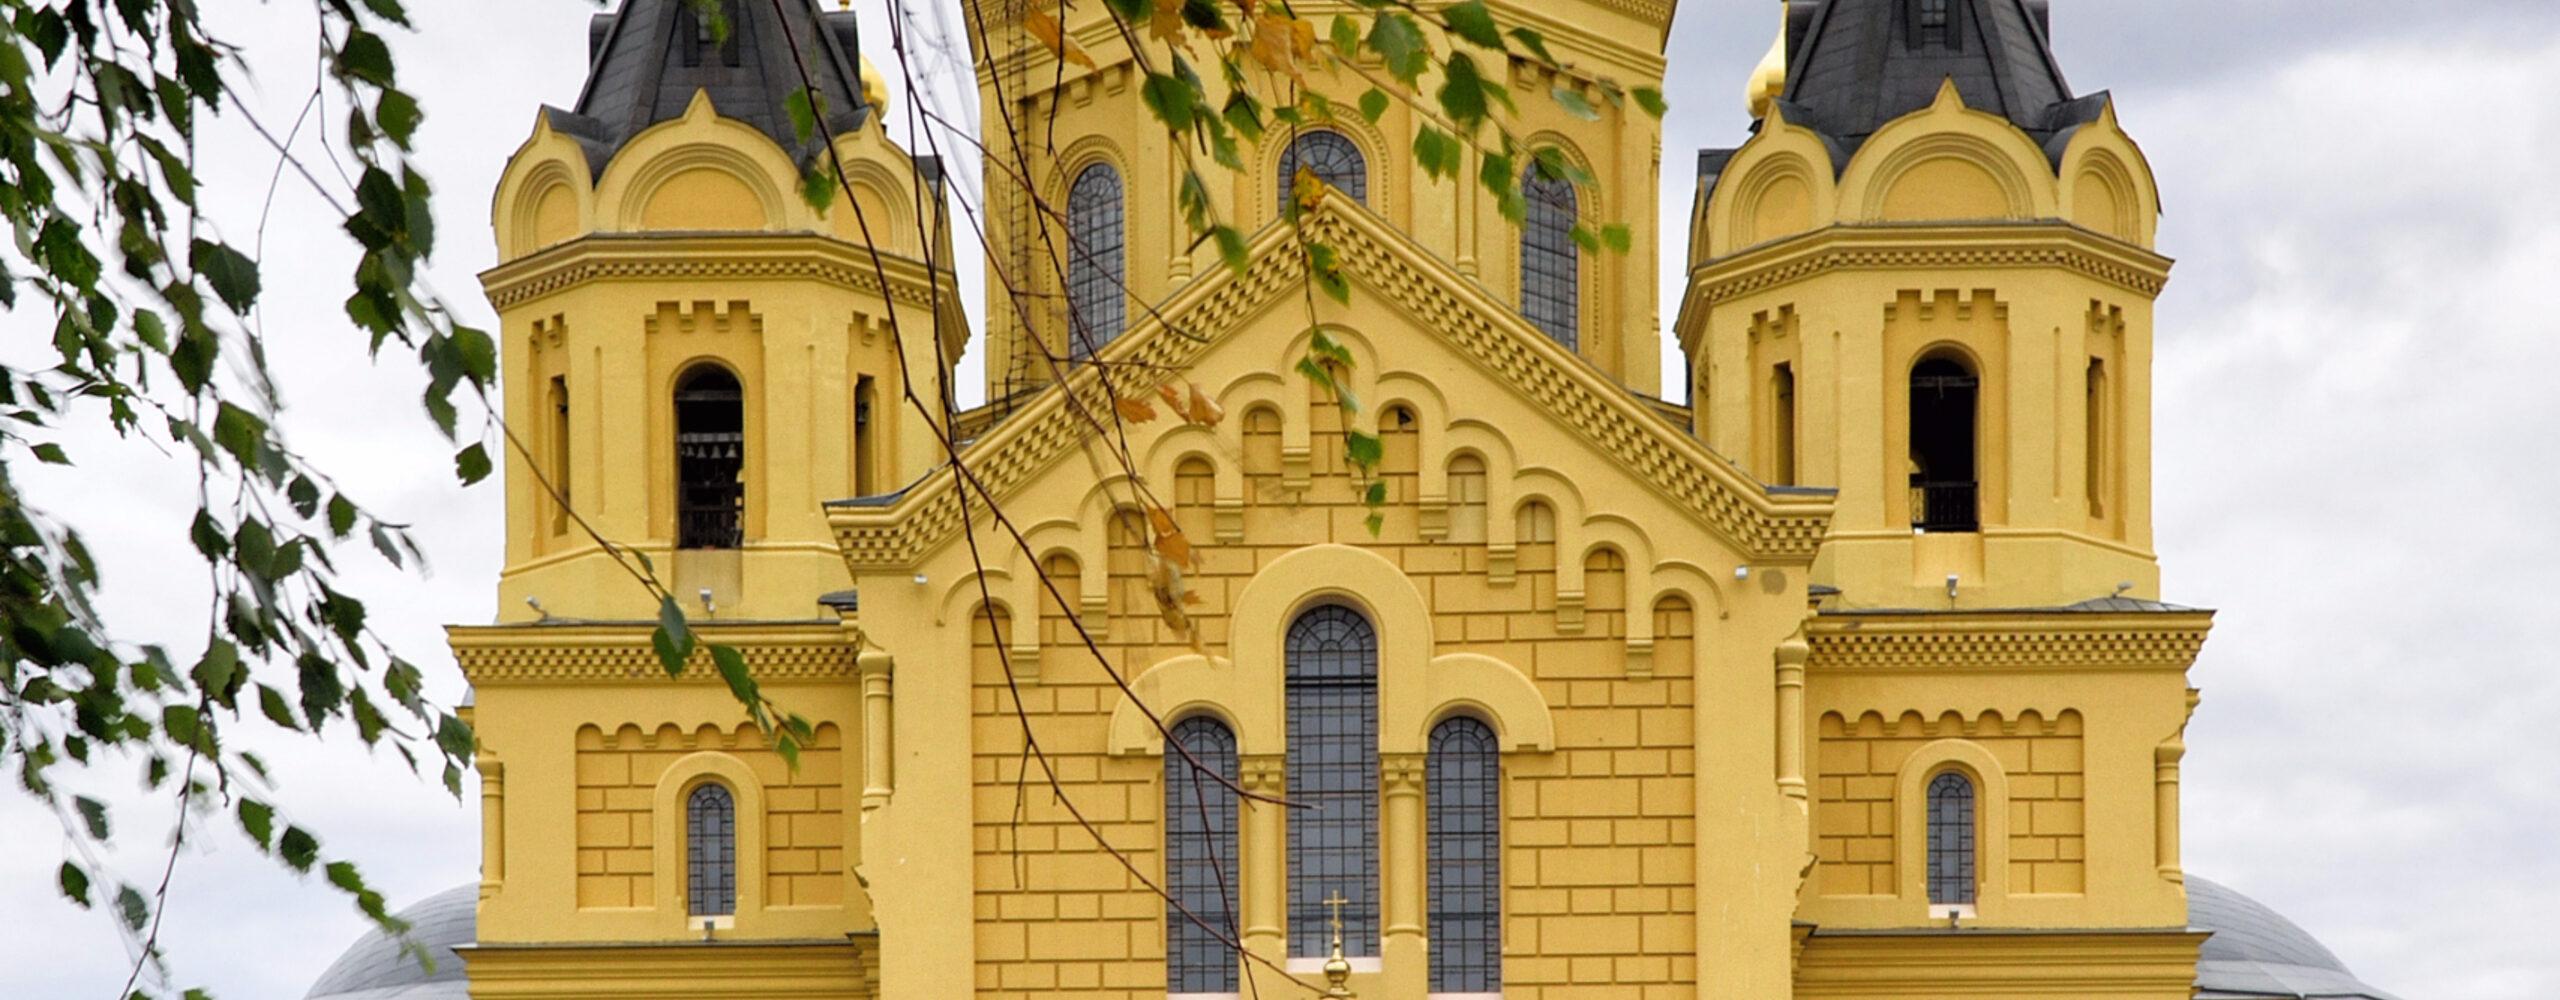 Собор Александра Невского наСтрелке